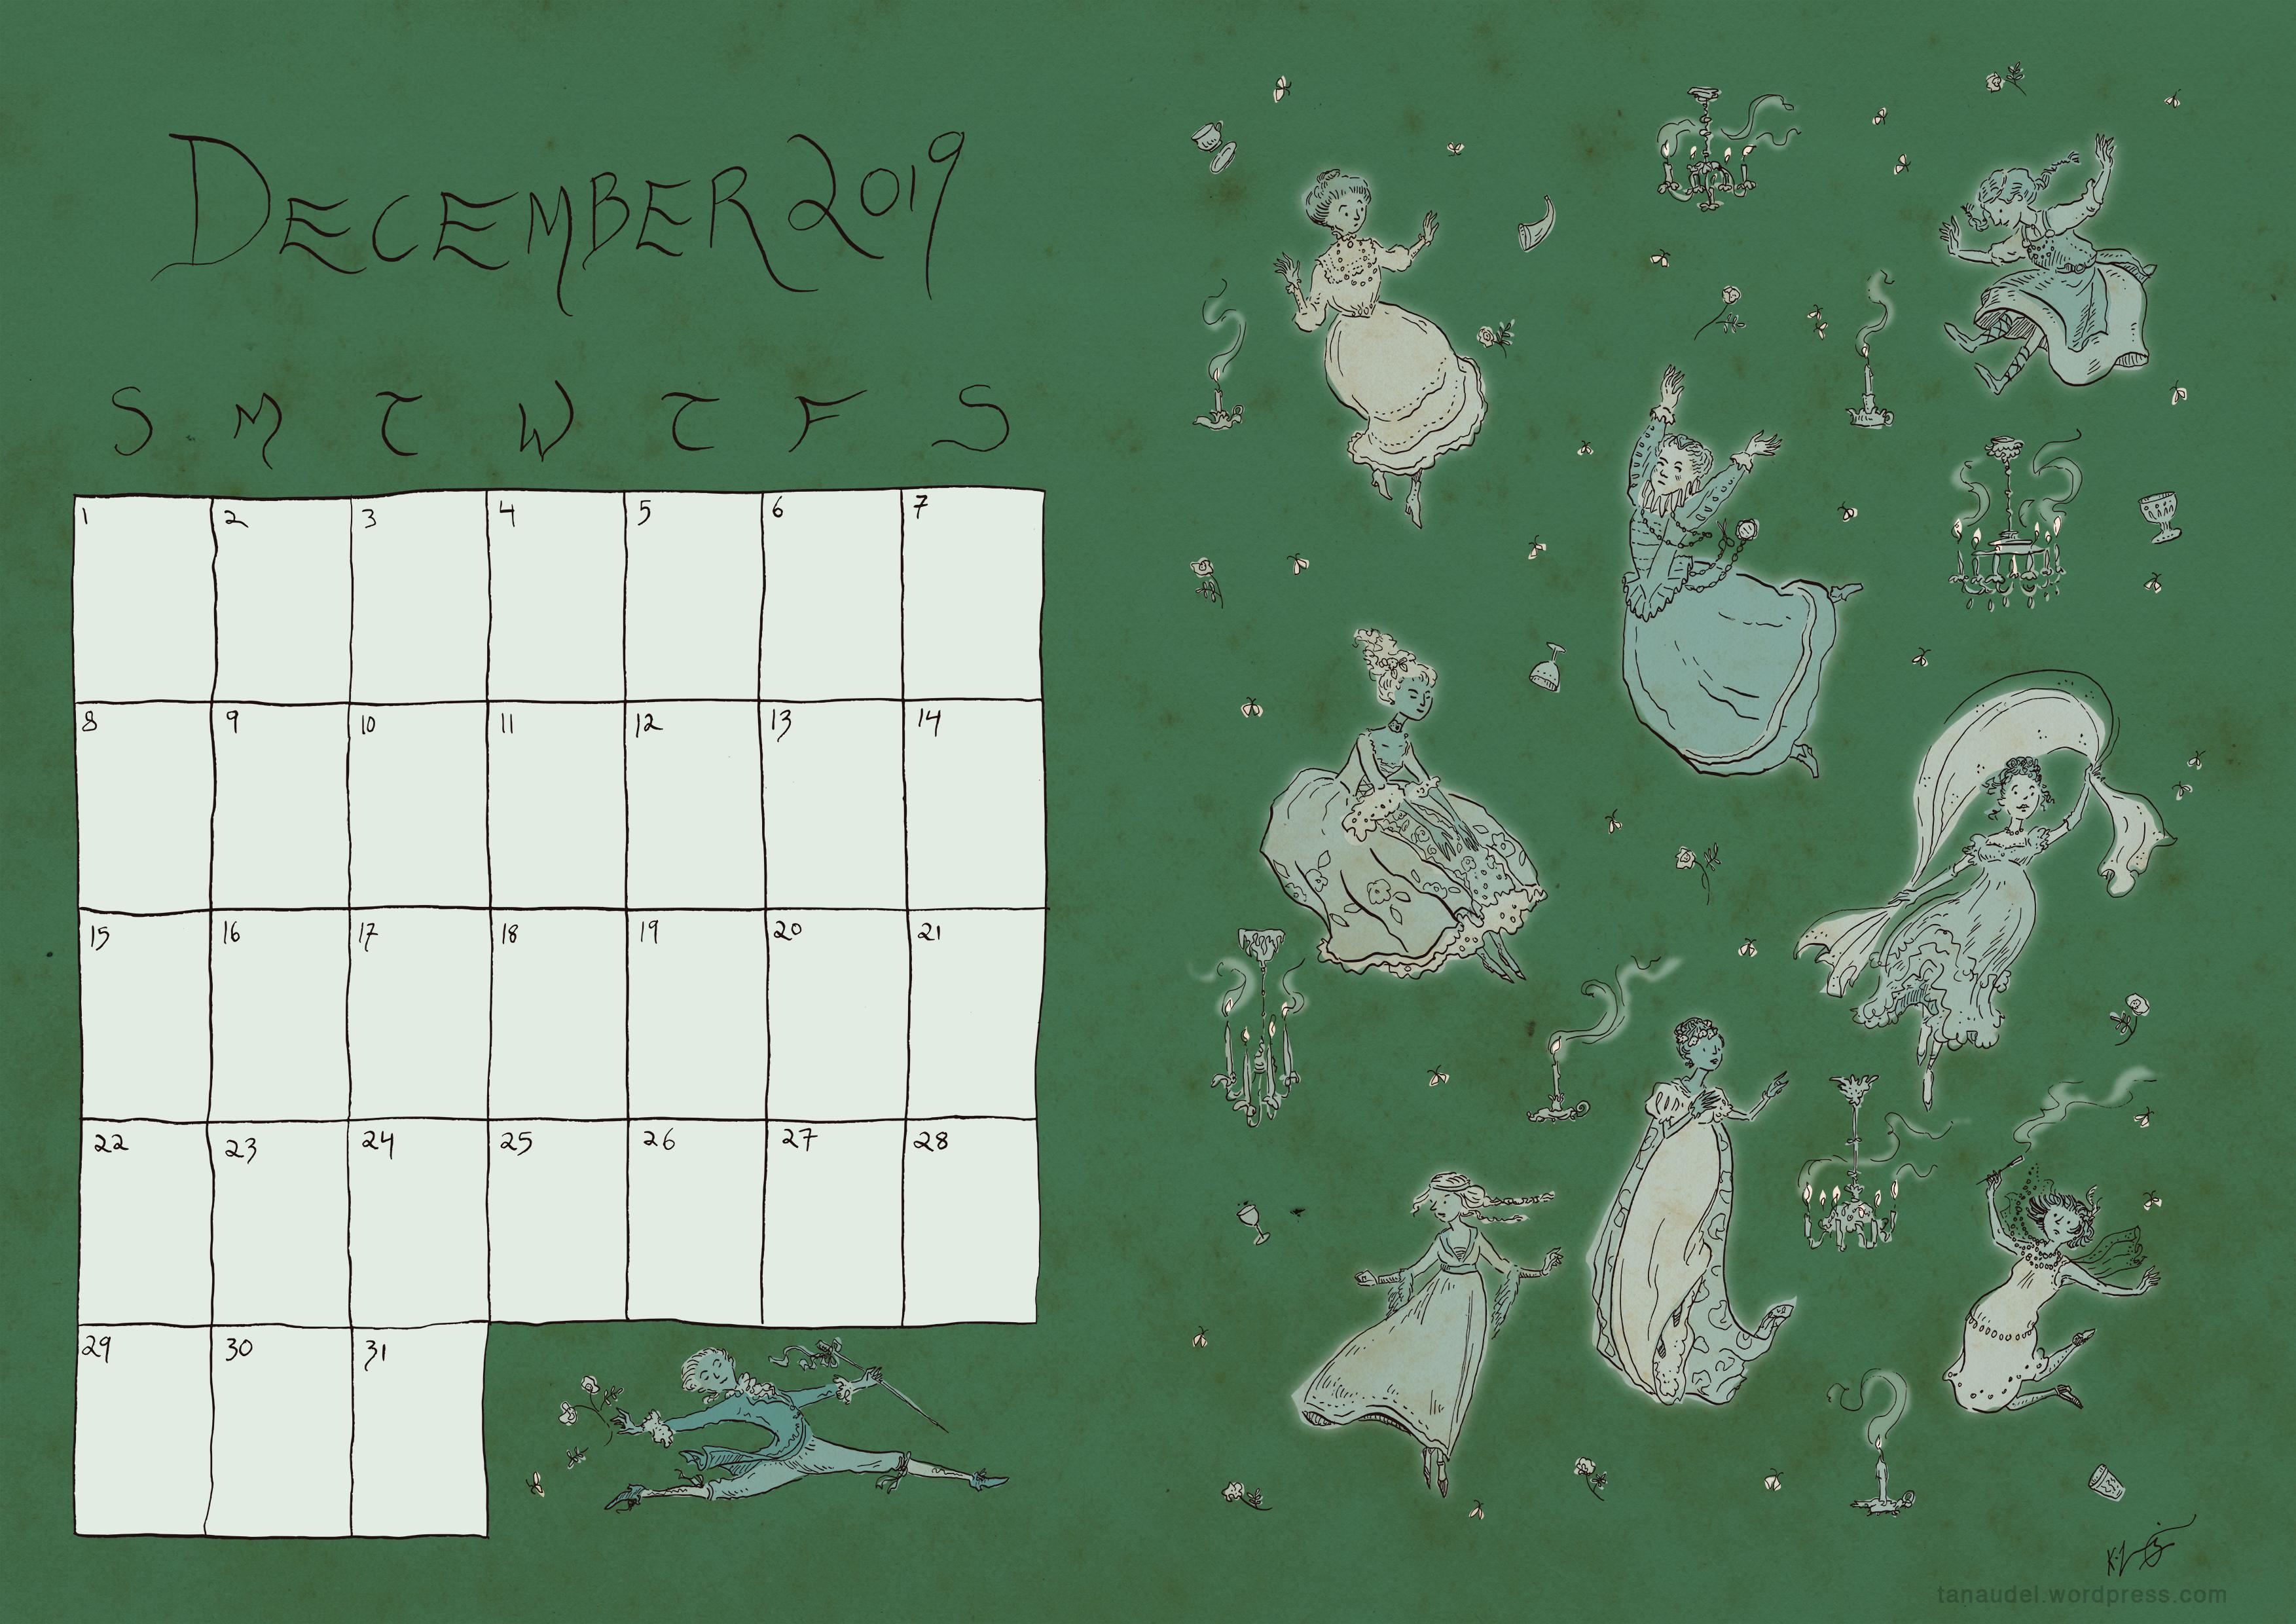 December calendar - Green